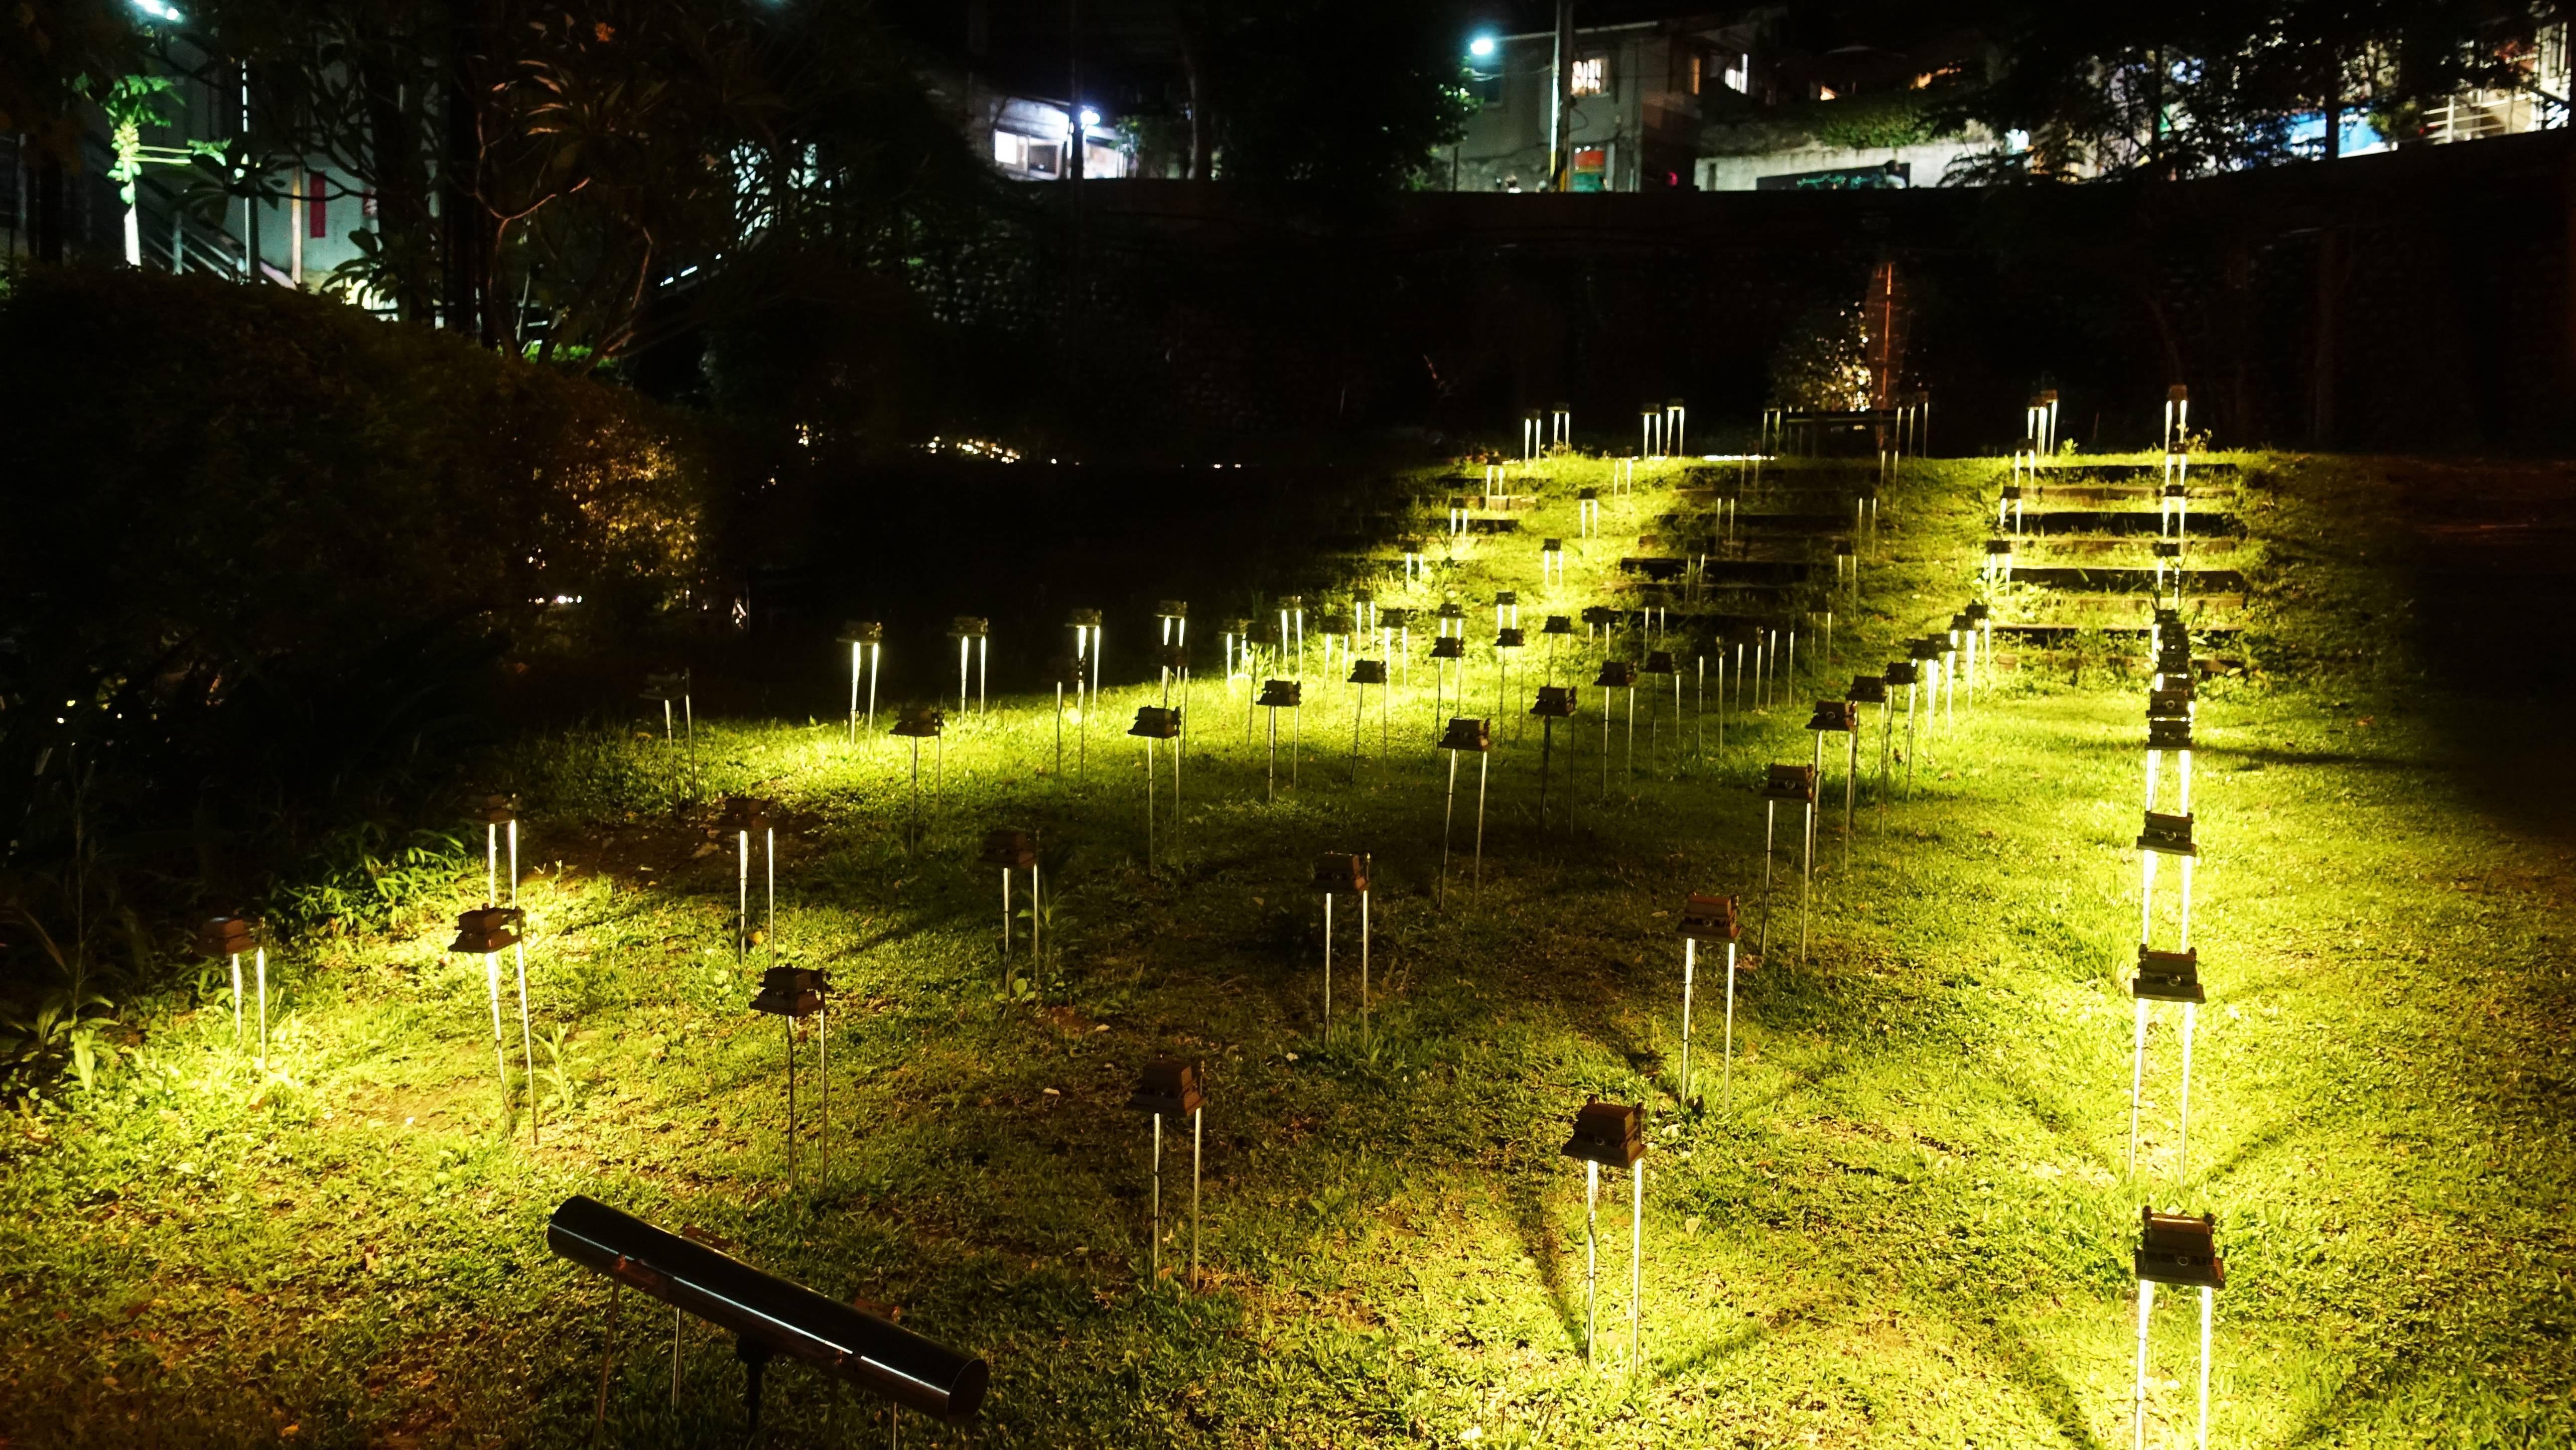 姚仲涵 YAO Chung-Han,〈光電獸#6-草地〉An Electronic Monster #6-Grass。圖/非池中藝術網攝。